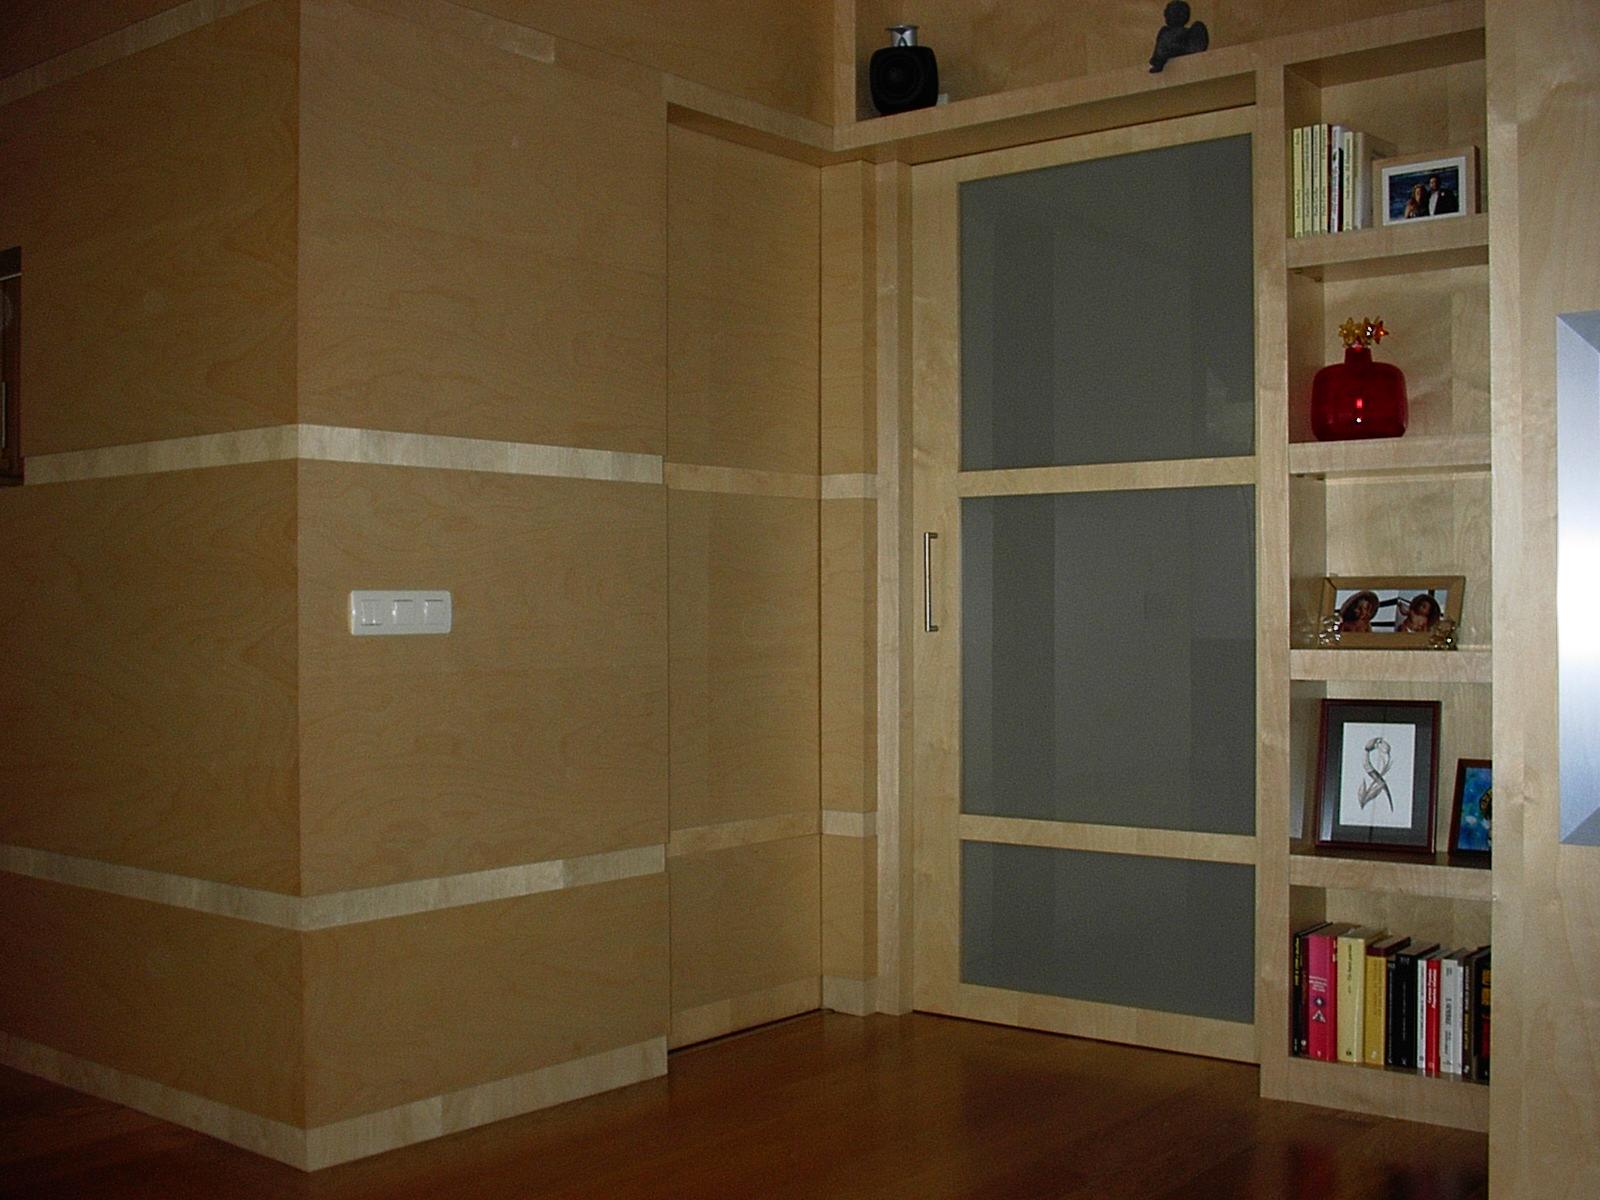 Chm interiorismo y reformas sal n con paredes paneladas for Paredes en madera